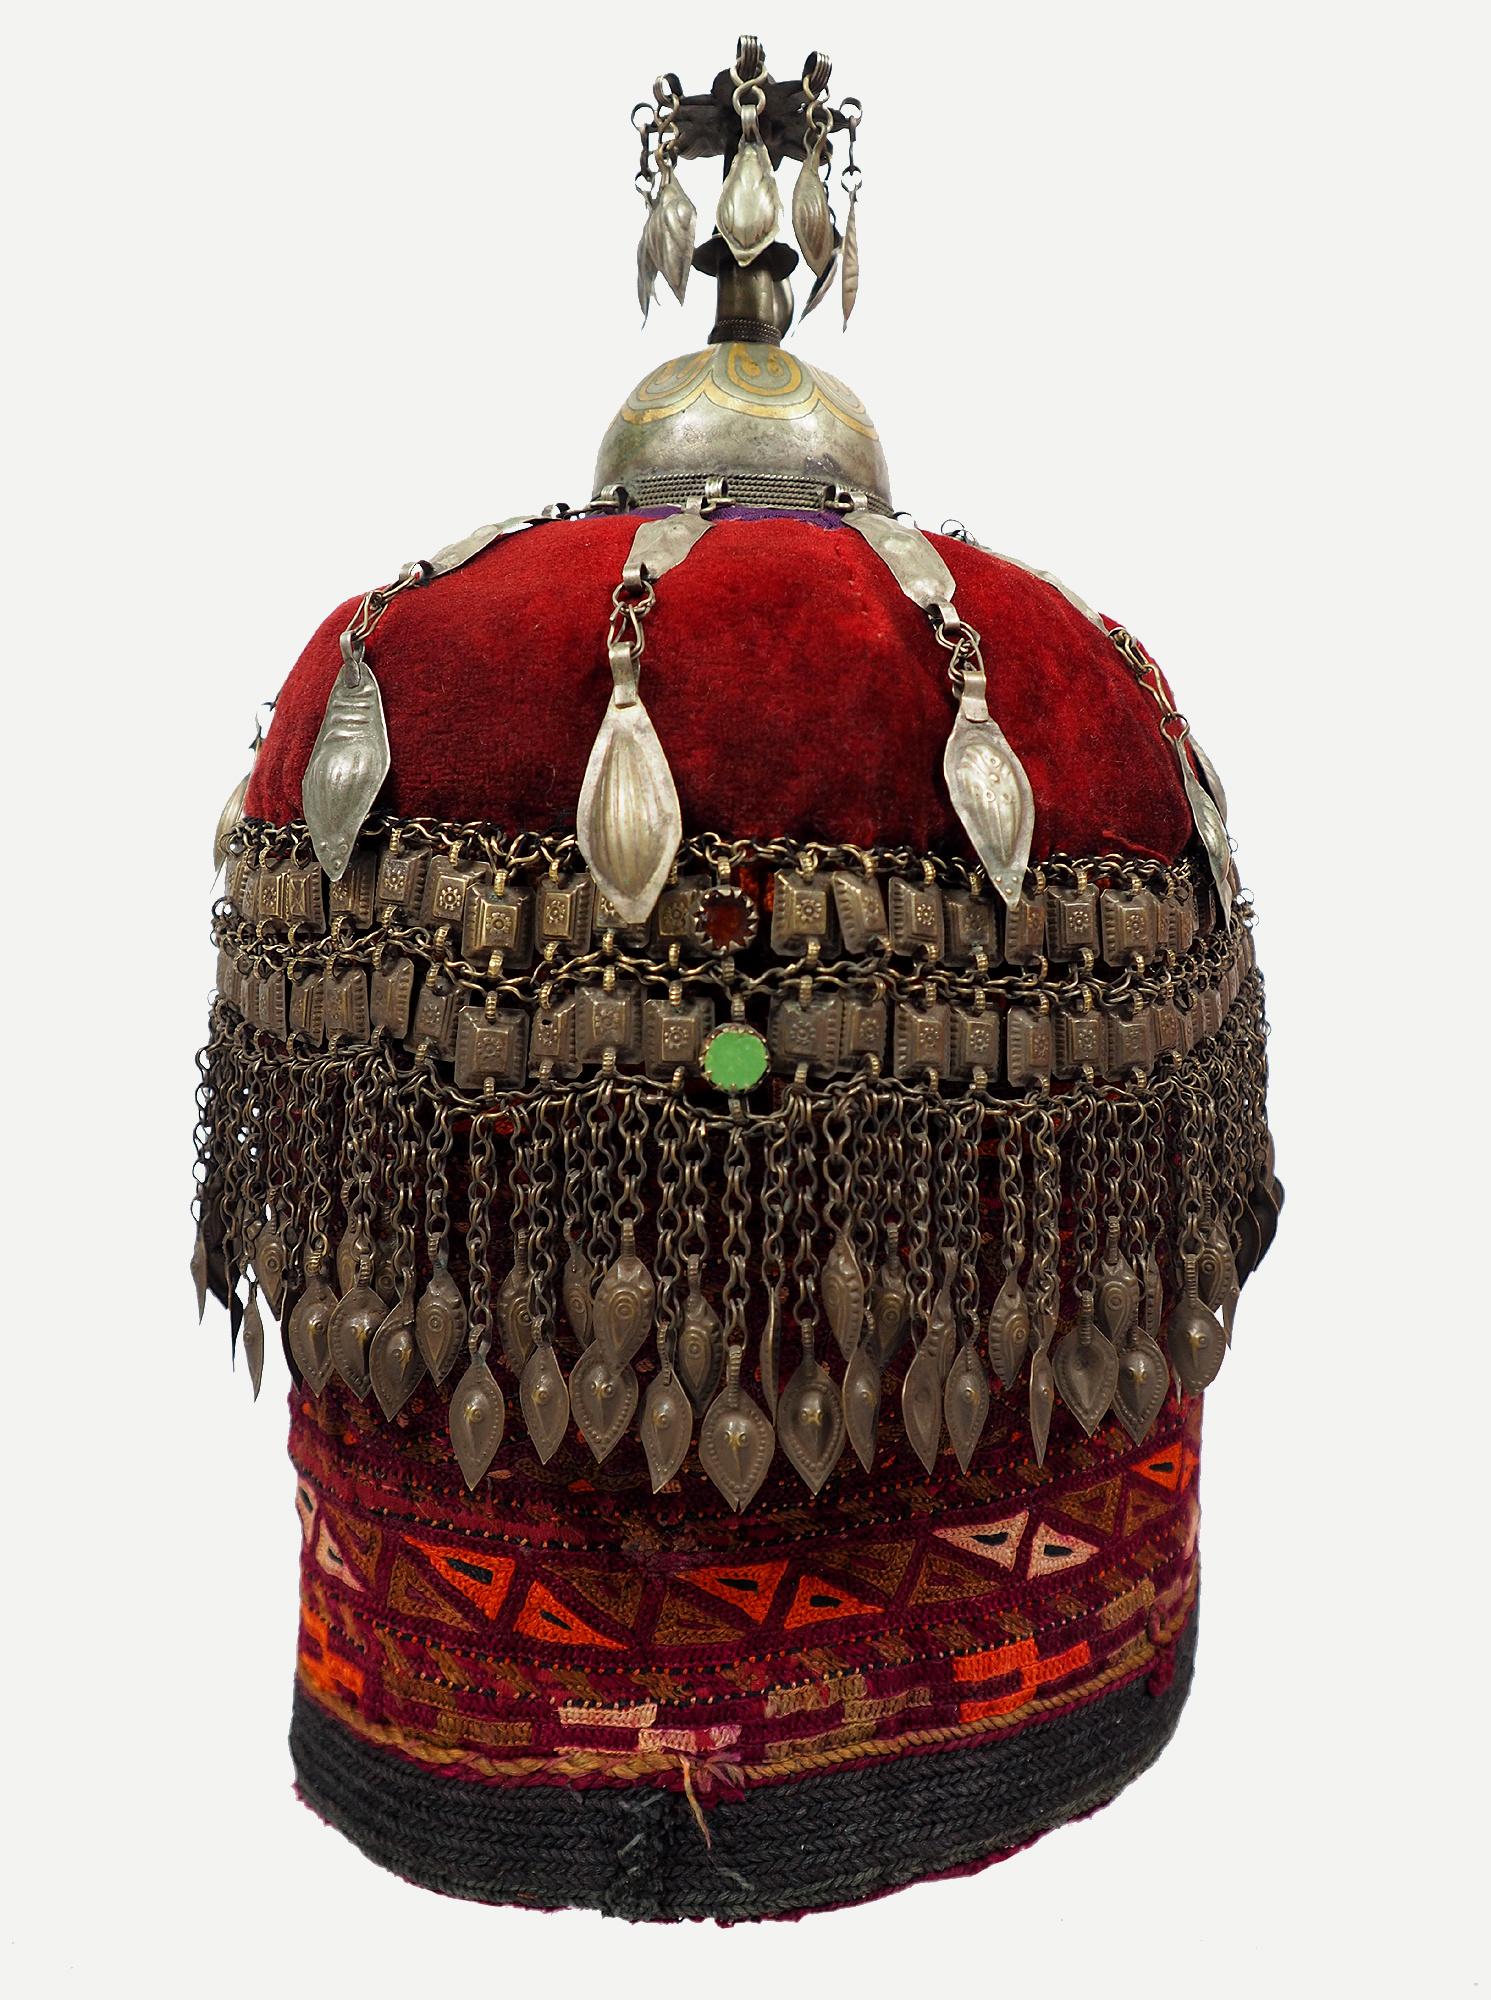 antique Tekke Turkmen Cap jewellery for girls of marriageable age 19th century  silver ornate hat women,s wedding headdress  Turkmeistan 20E